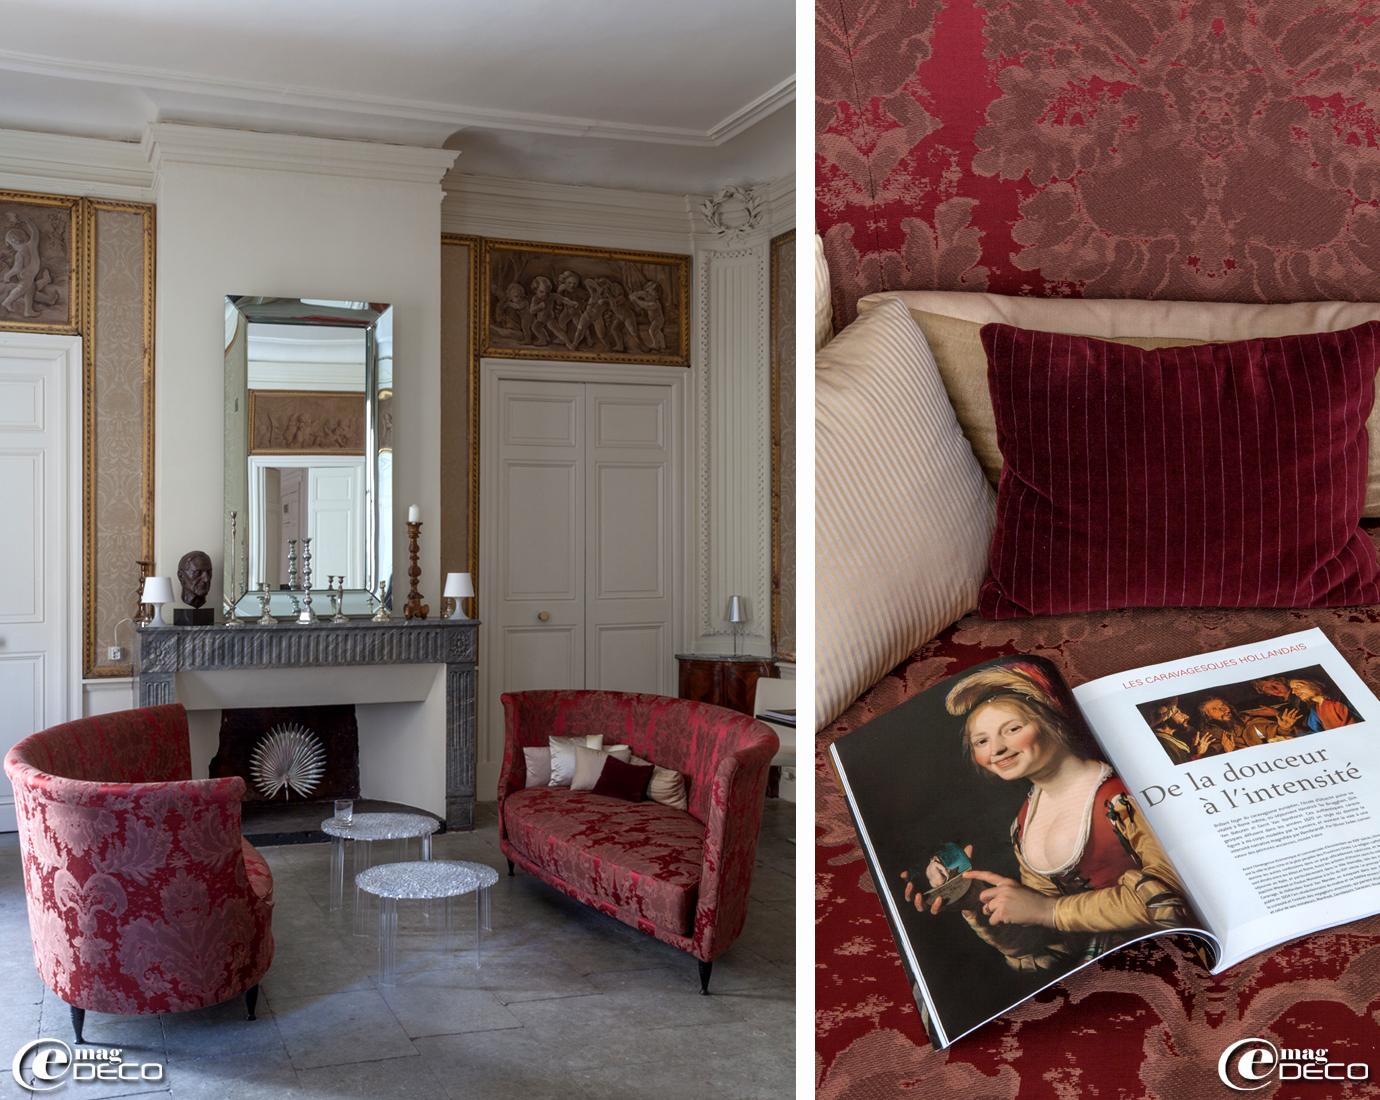 Baudon de mauny e magdeco magazine de d coration for Miroir grande demeure